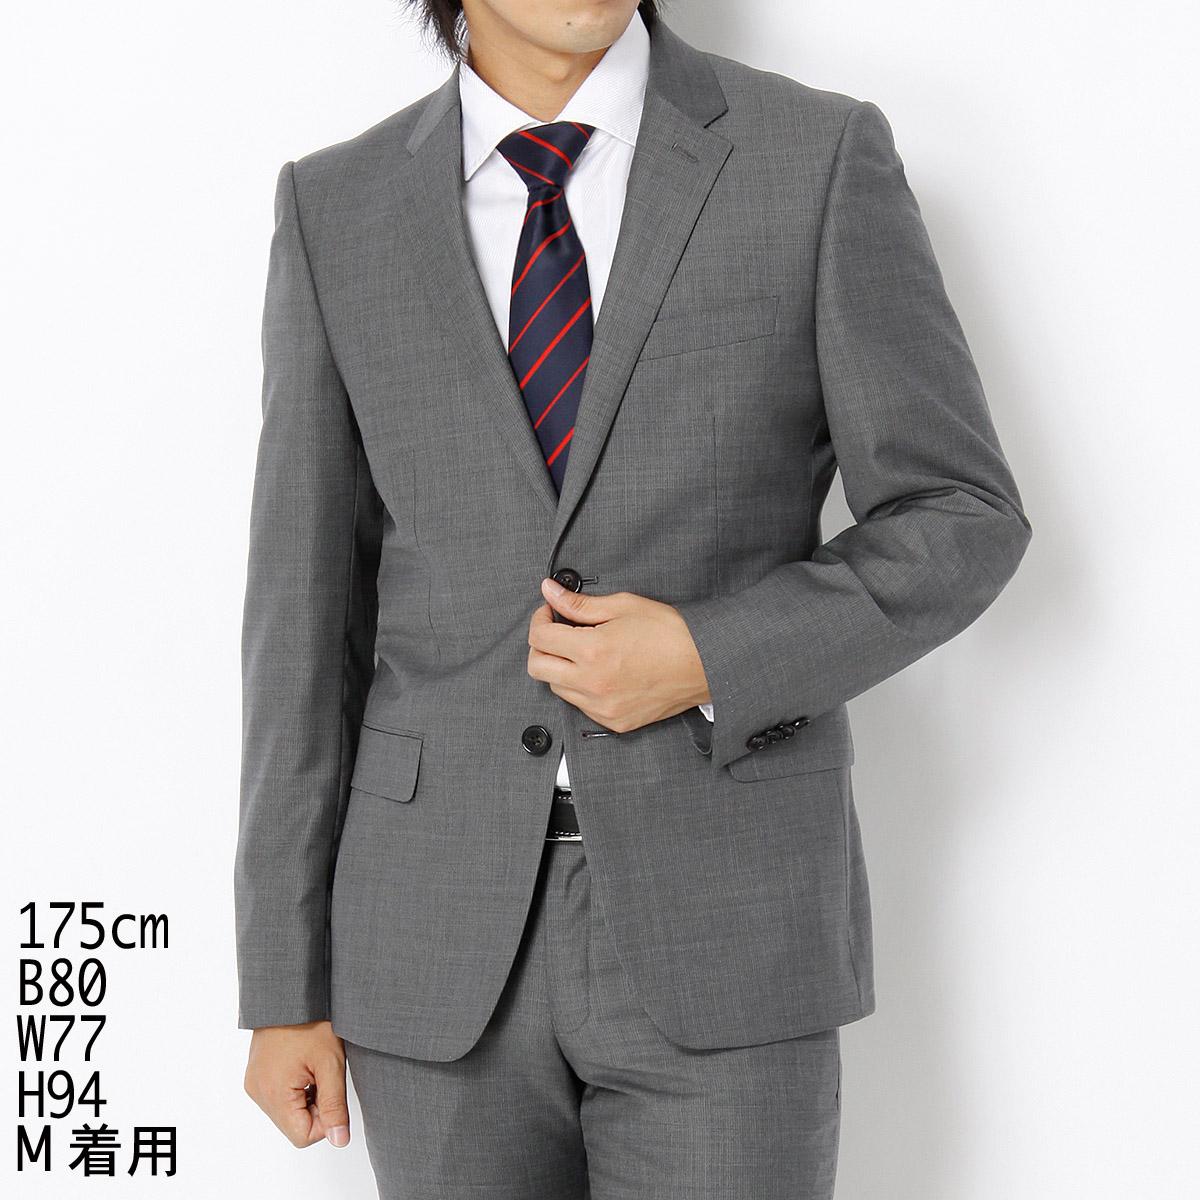 6a70592bfdb85 新入社員のためのスーツ講座 抑えておきたいポイントやマナー ...